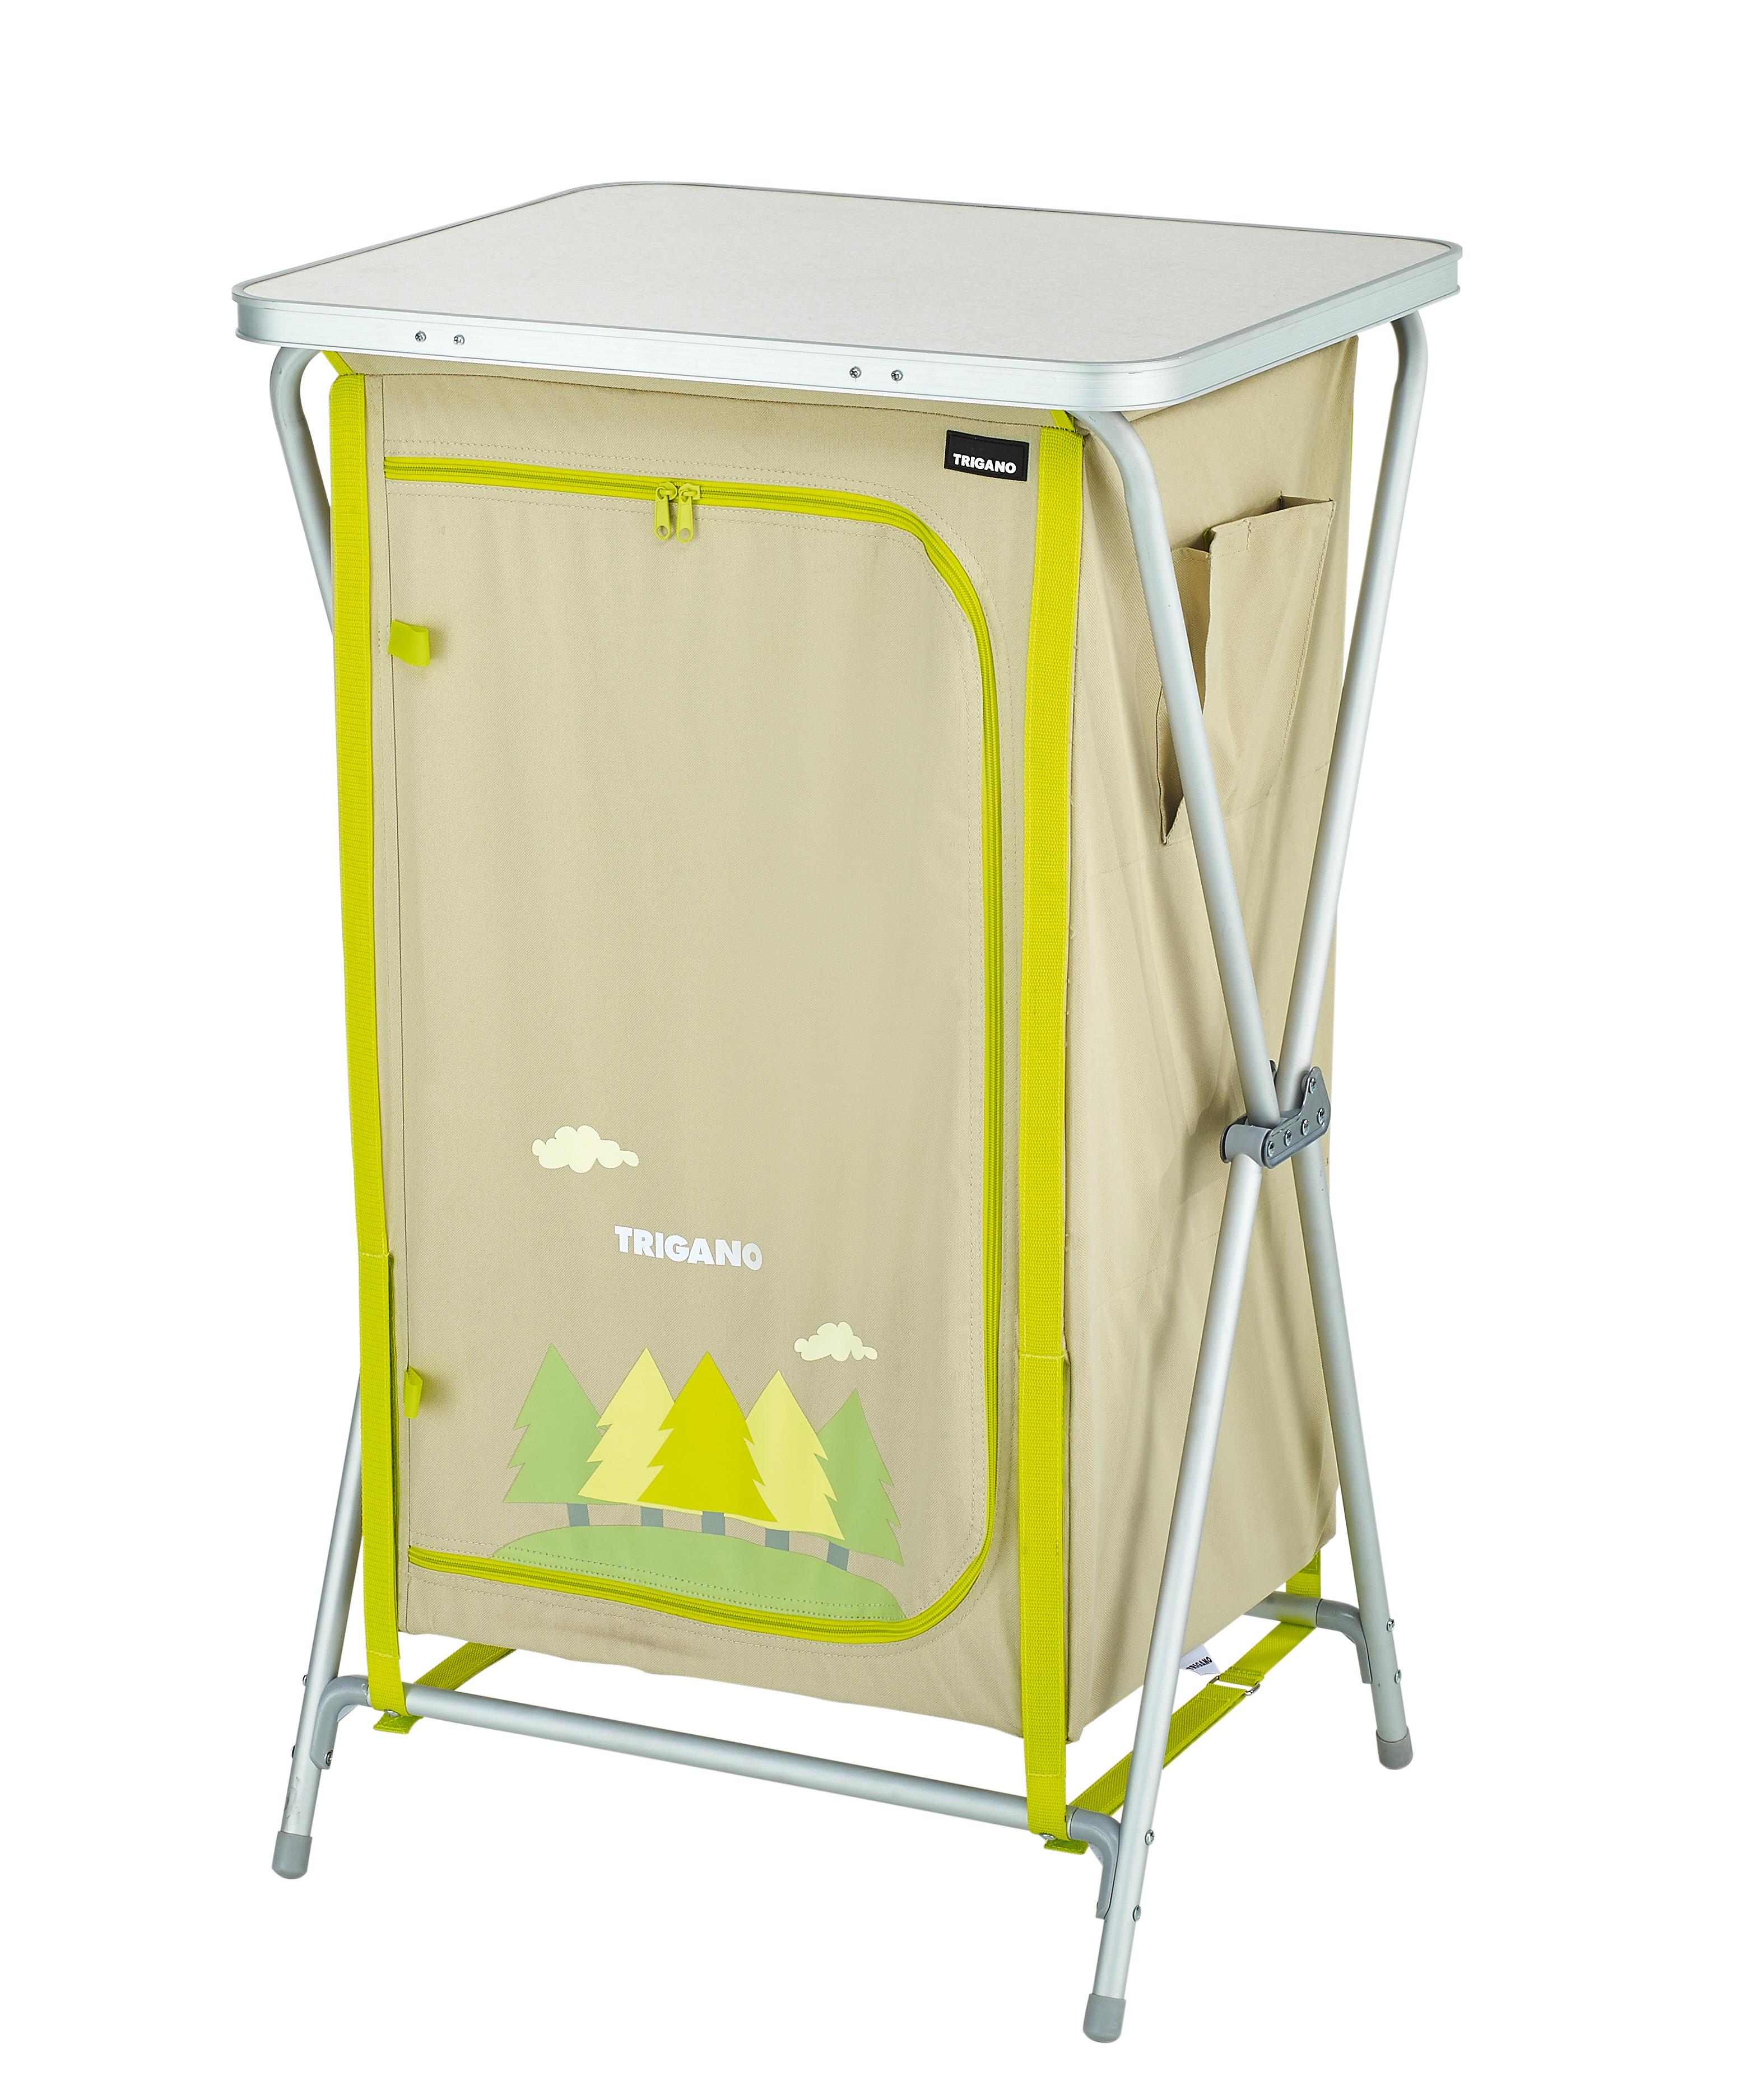 meuble de rangement pliant m m047l42 boutique supermarket caravanes vente de mobilier de. Black Bedroom Furniture Sets. Home Design Ideas